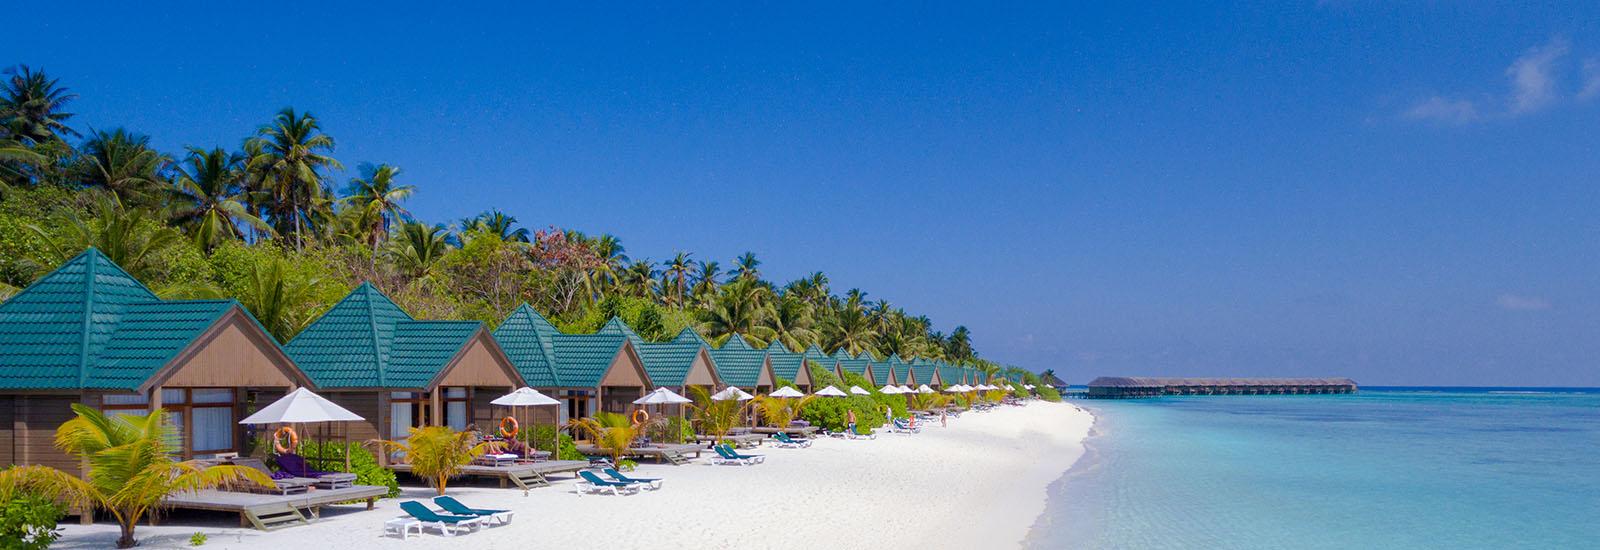 Meeru Island Resort and Spa - Maldivi paket aranžman